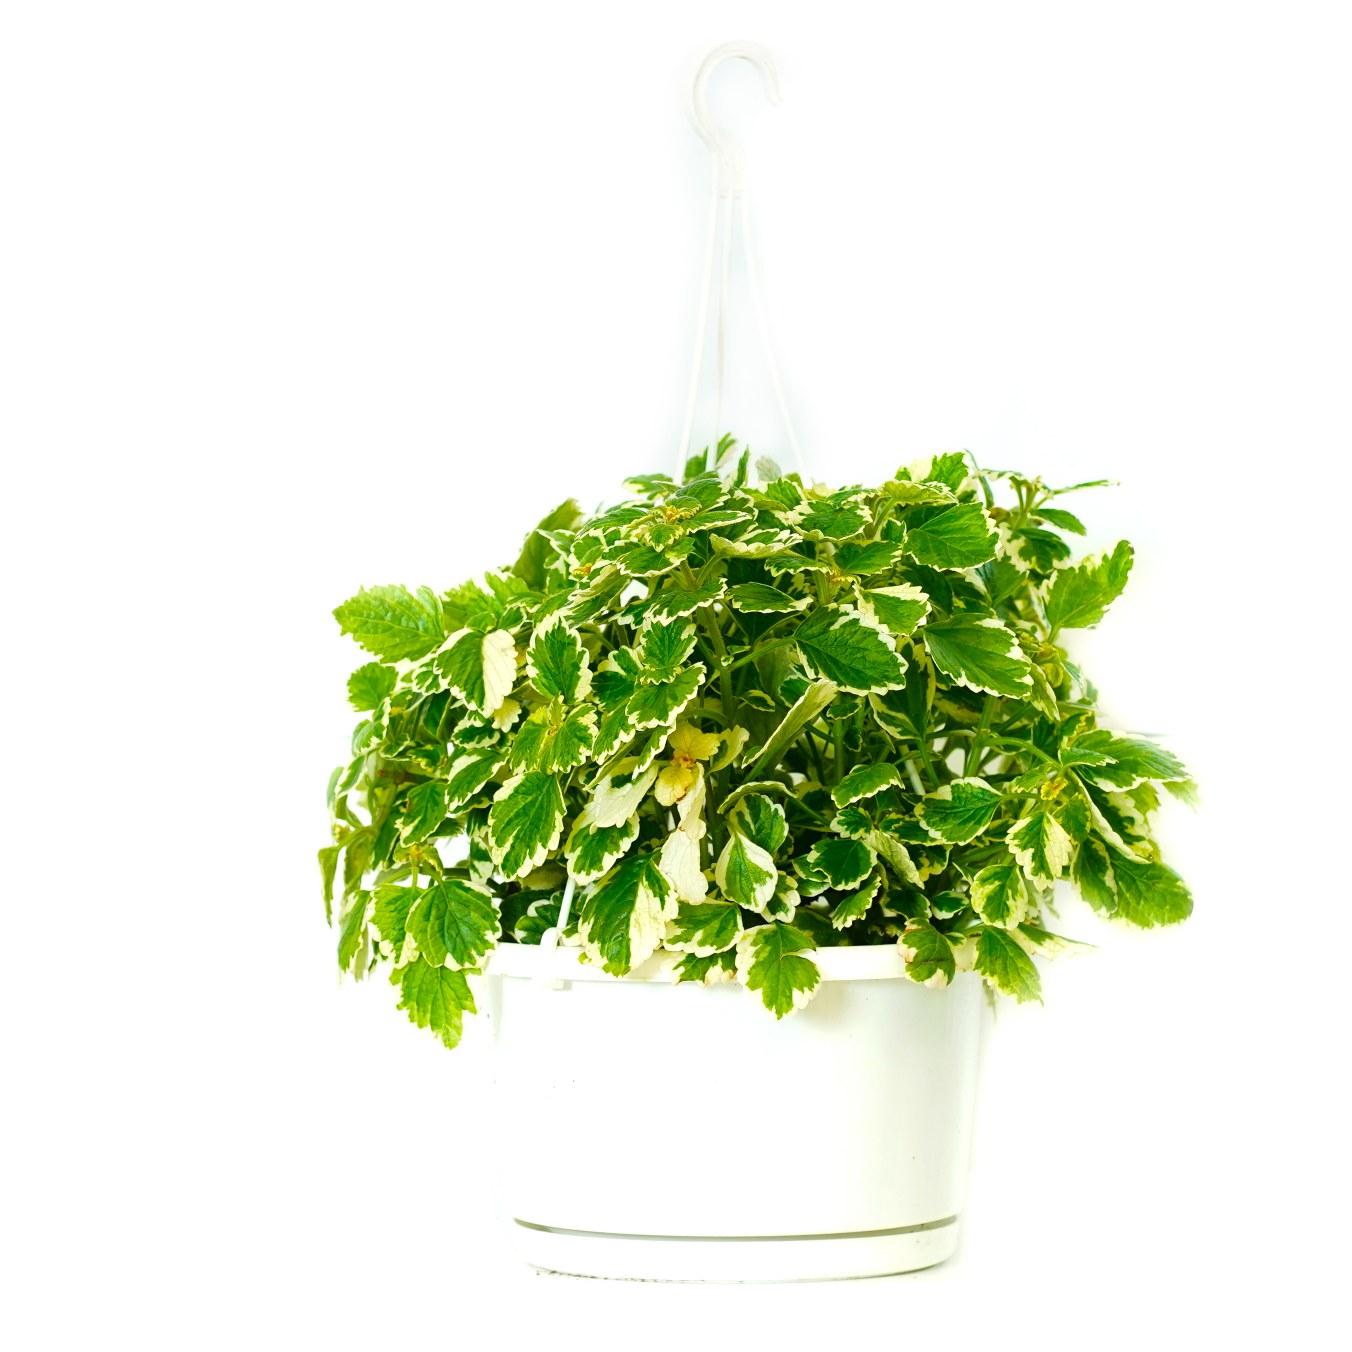 بليكترانتوس المرقش نباتات داخلية